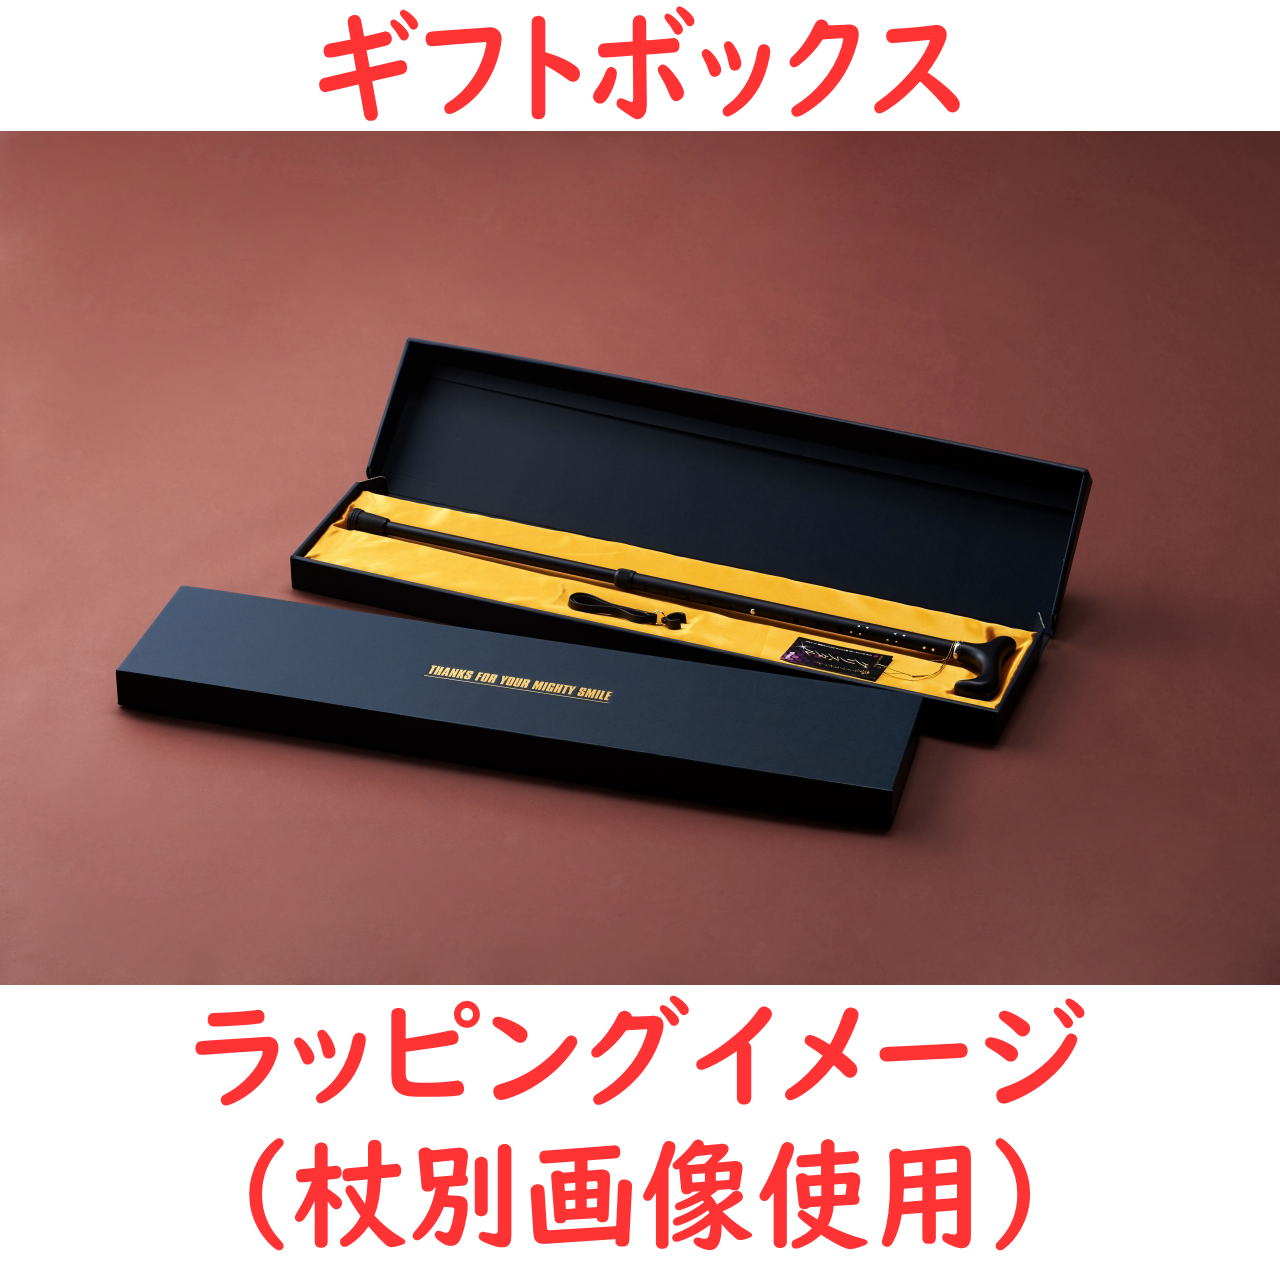 ☆ギフトボックス可☆ 夢ライフステッキ 伸縮型(スリムタイプ) ロイヤルブラウン